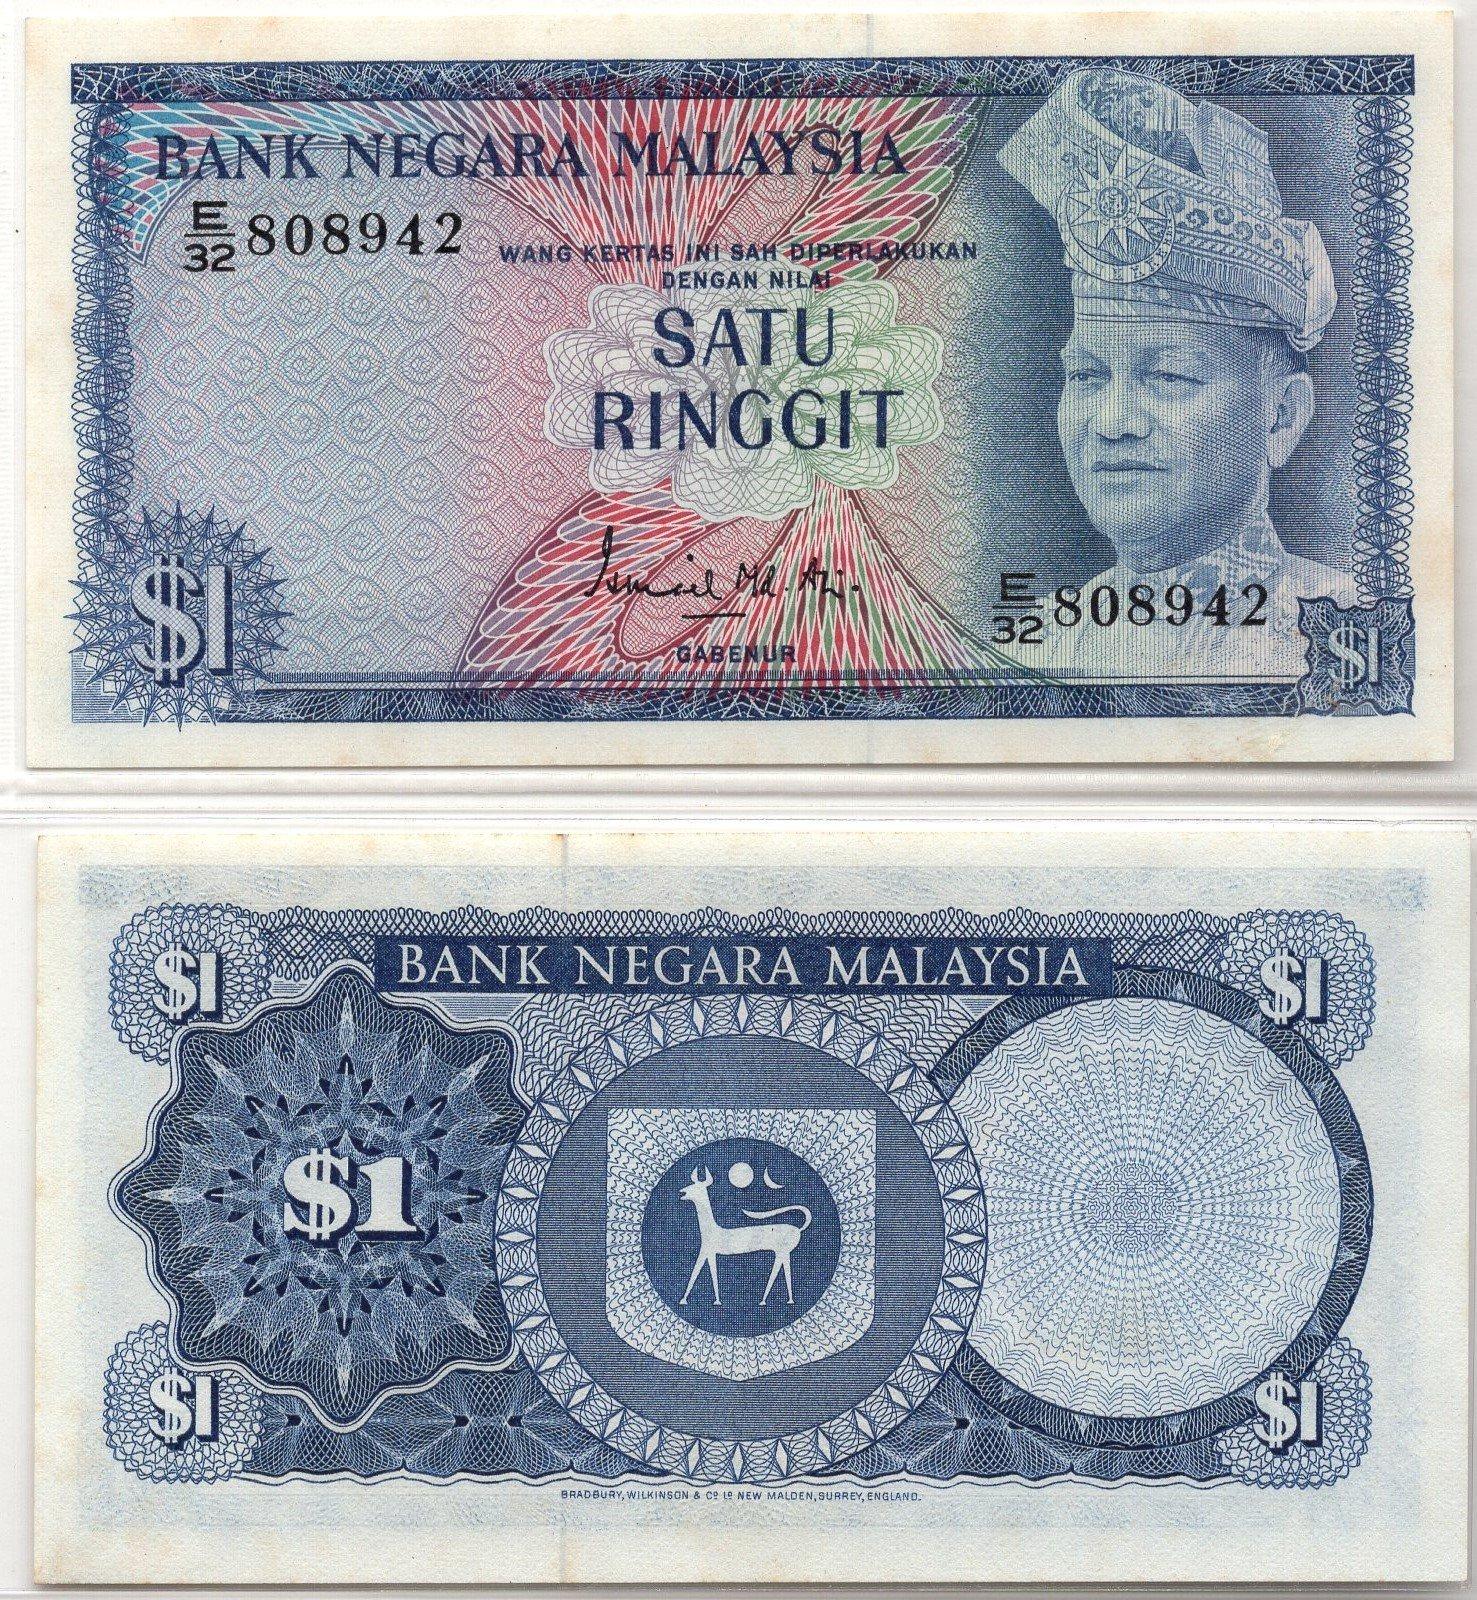 Malaysia 1 ringgit P1